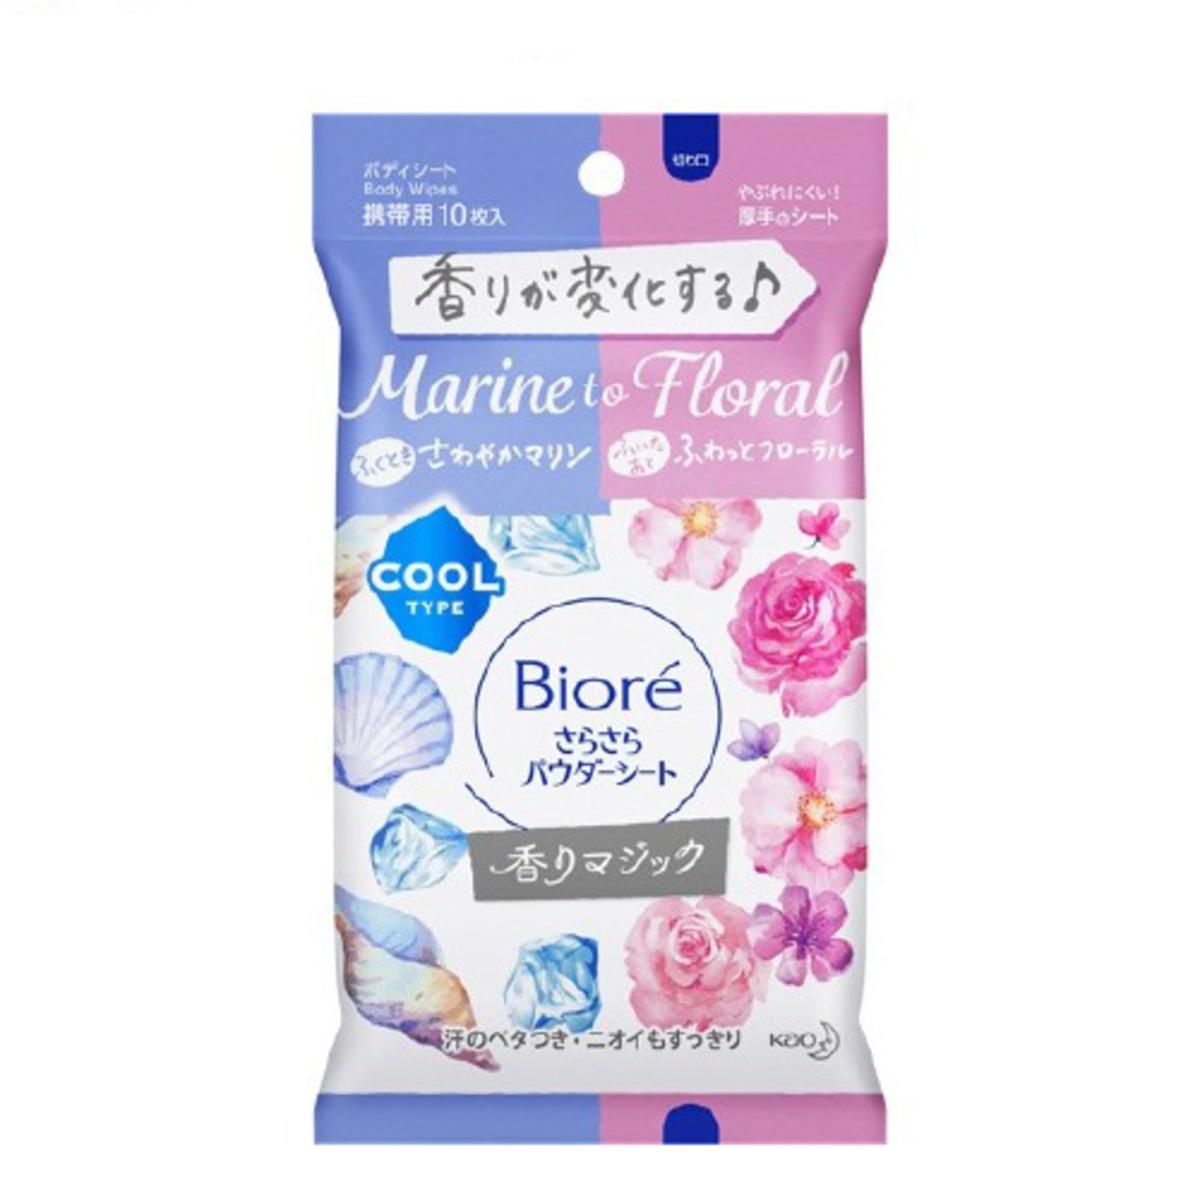 (新包裝 !) 爽身粉濕巾 魔術香味 10枚入 (4901301332622)